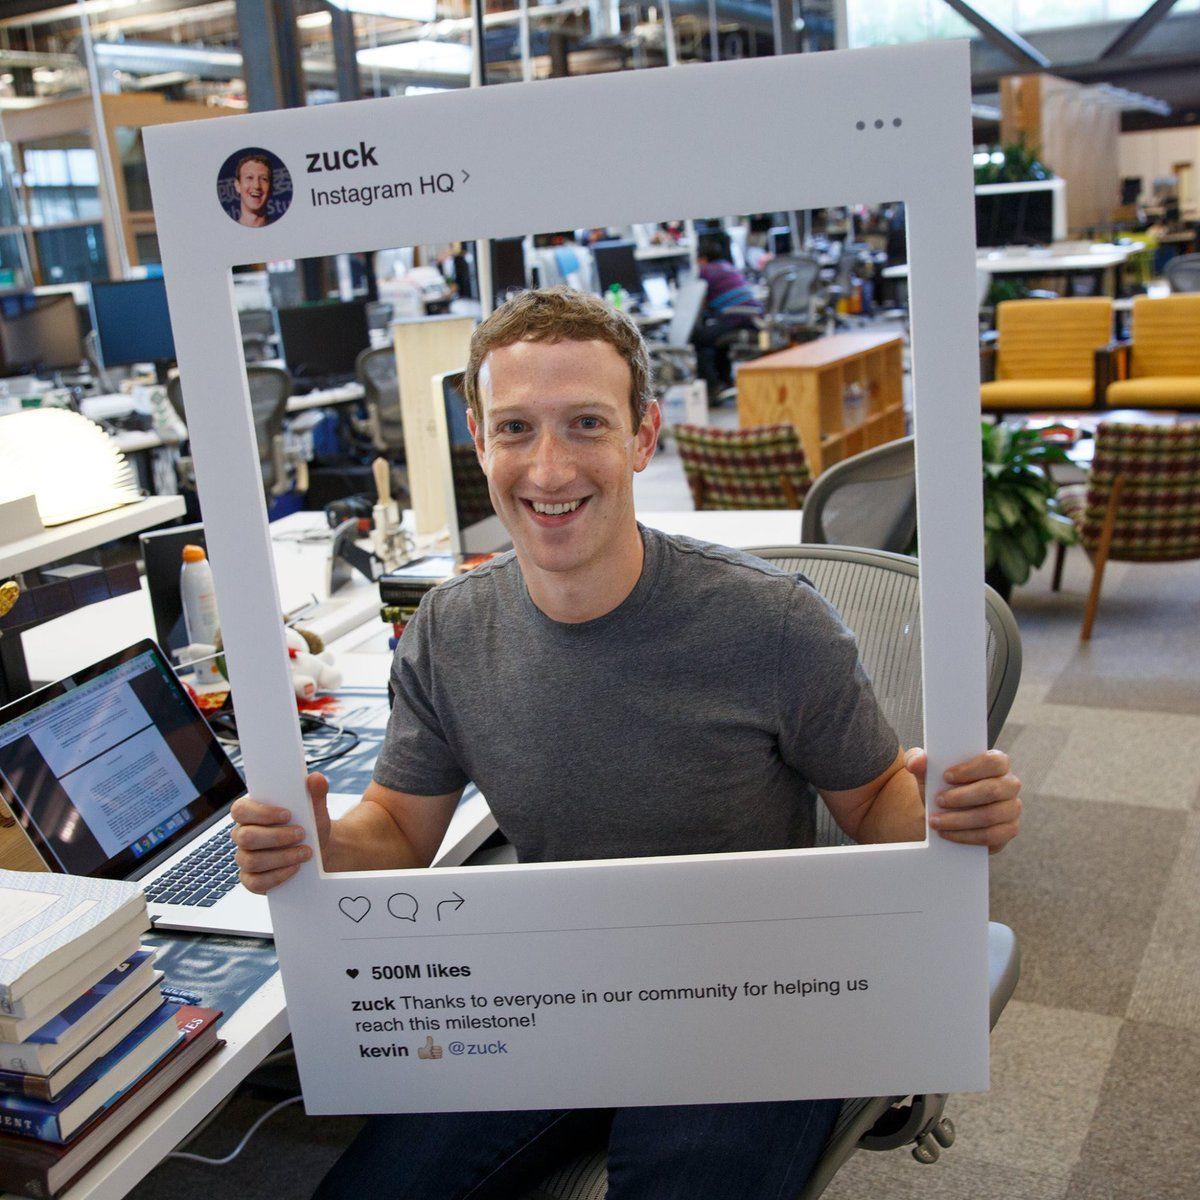 Mark Zuckerberg tapa la cámara de su notebook con una cinta